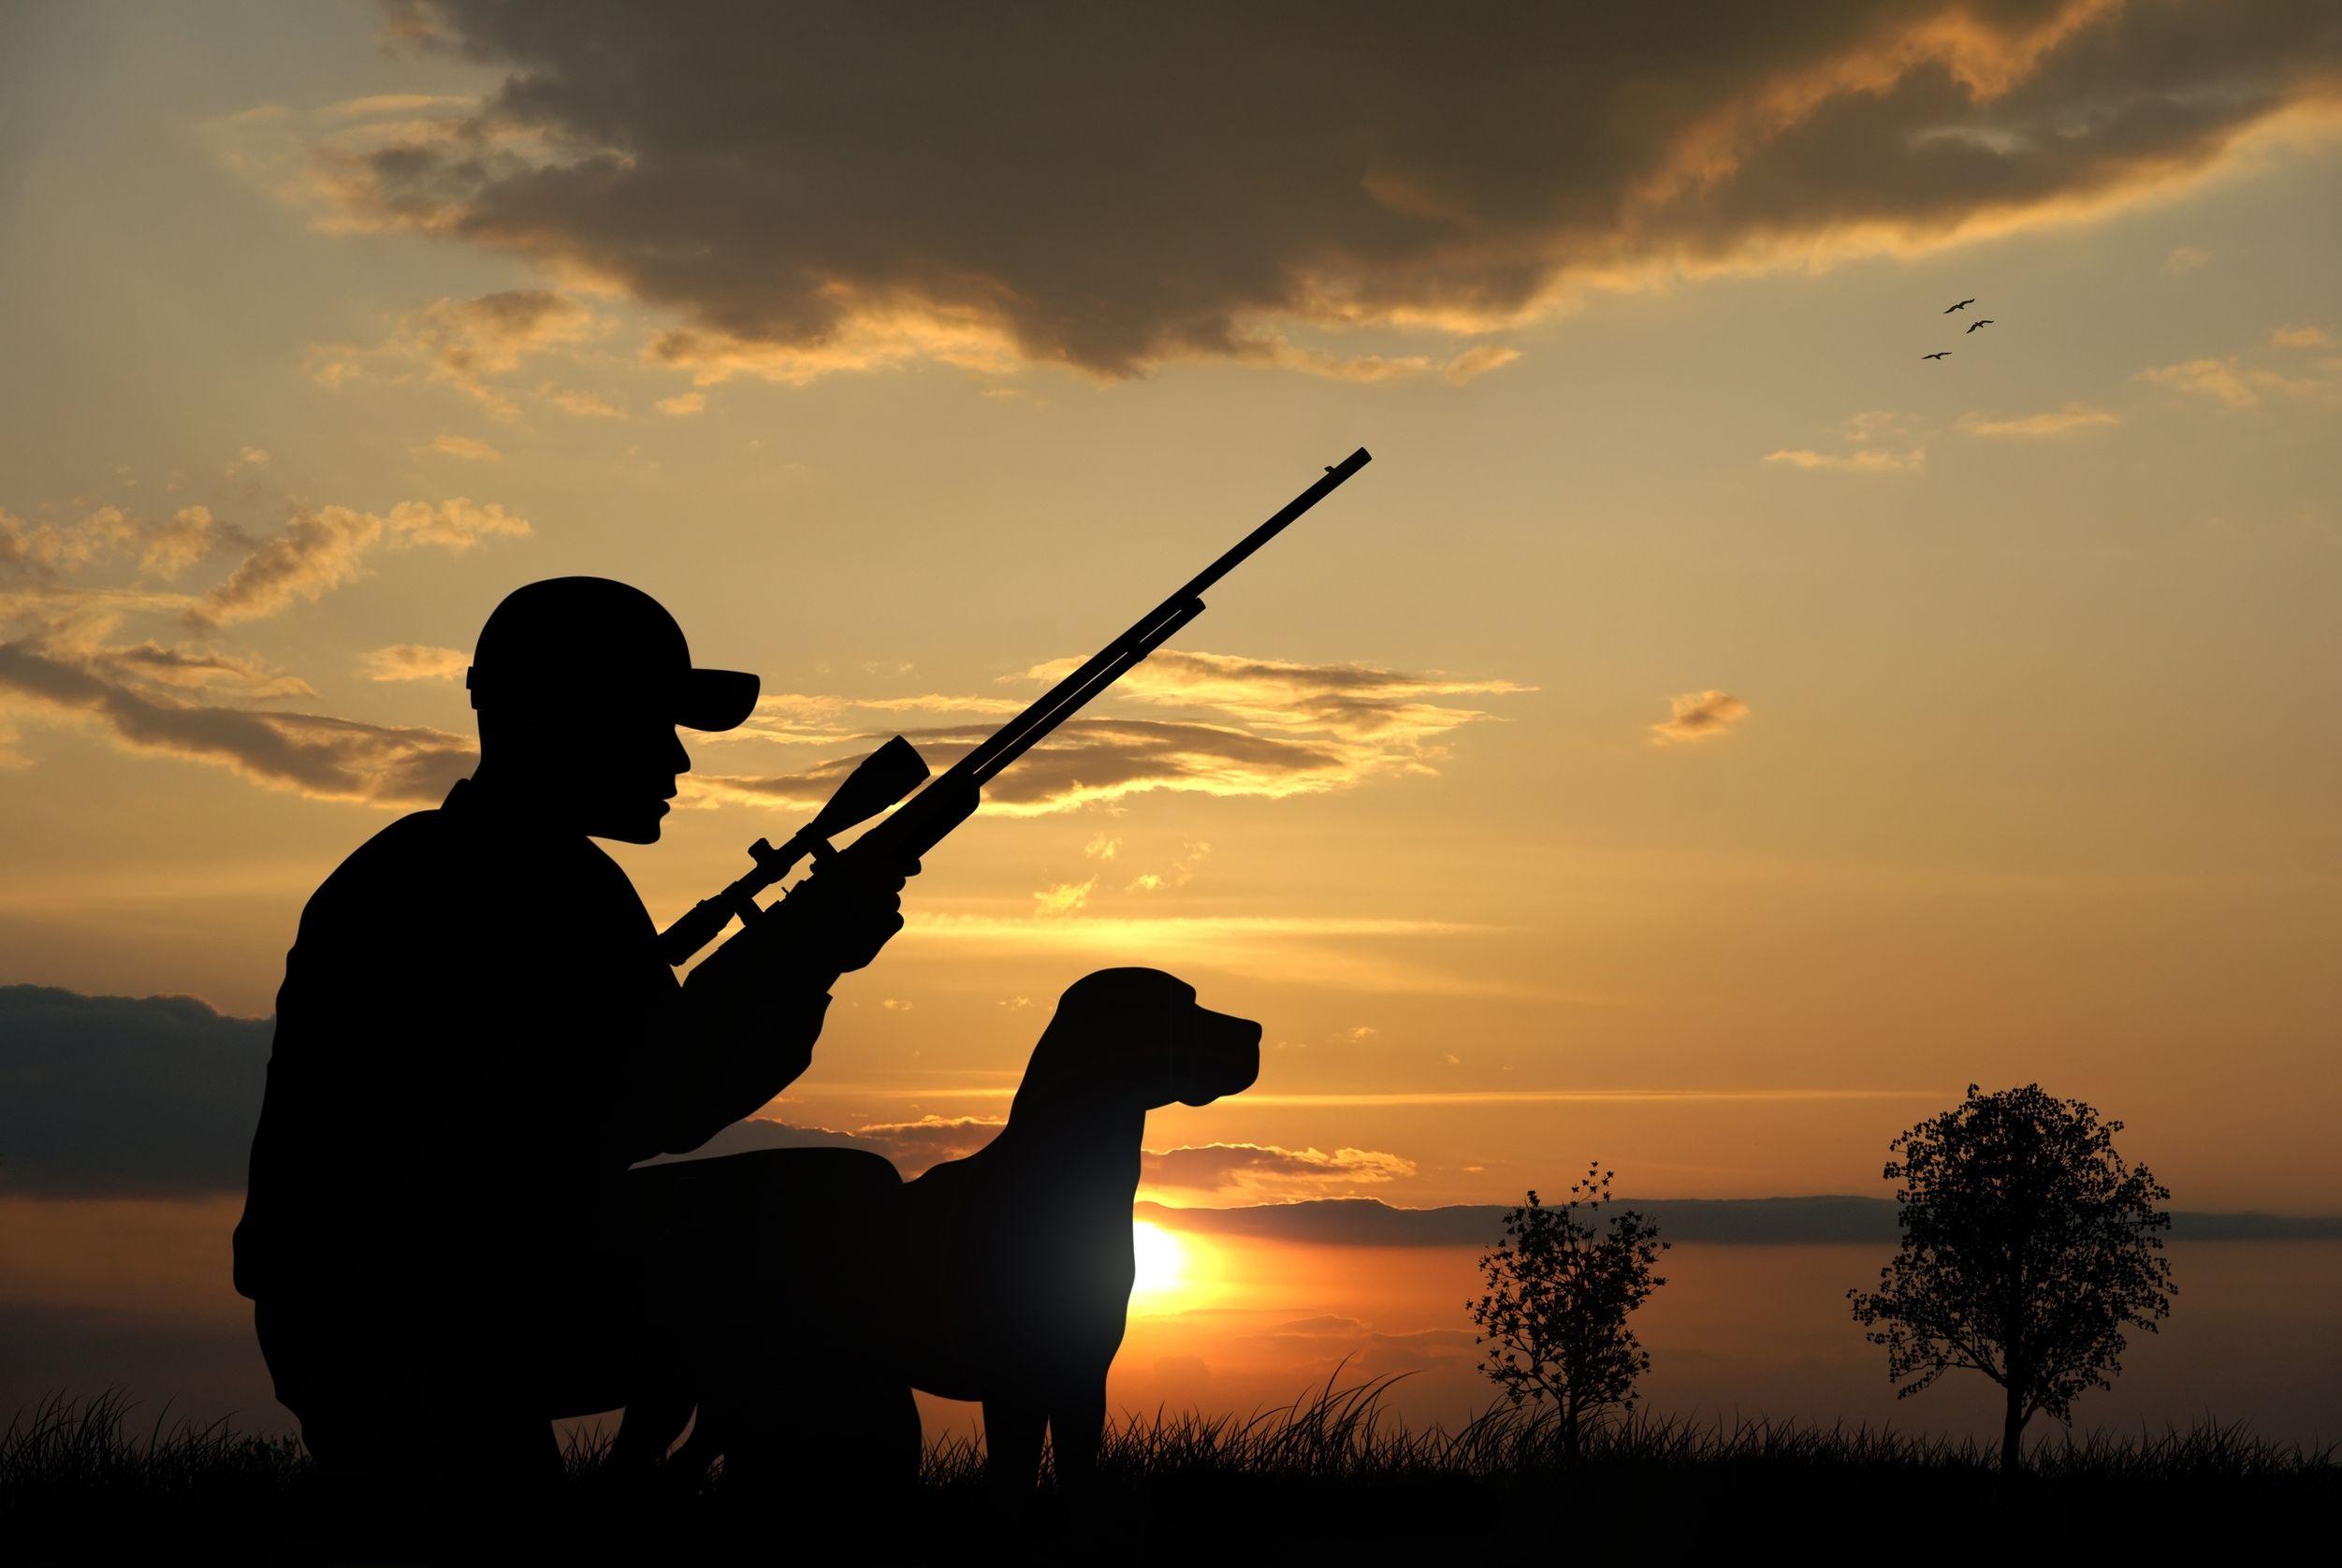 Armi revoca della licenza uso caccia e sostanze stupefacenti for Costo della costruzione del fucile da caccia